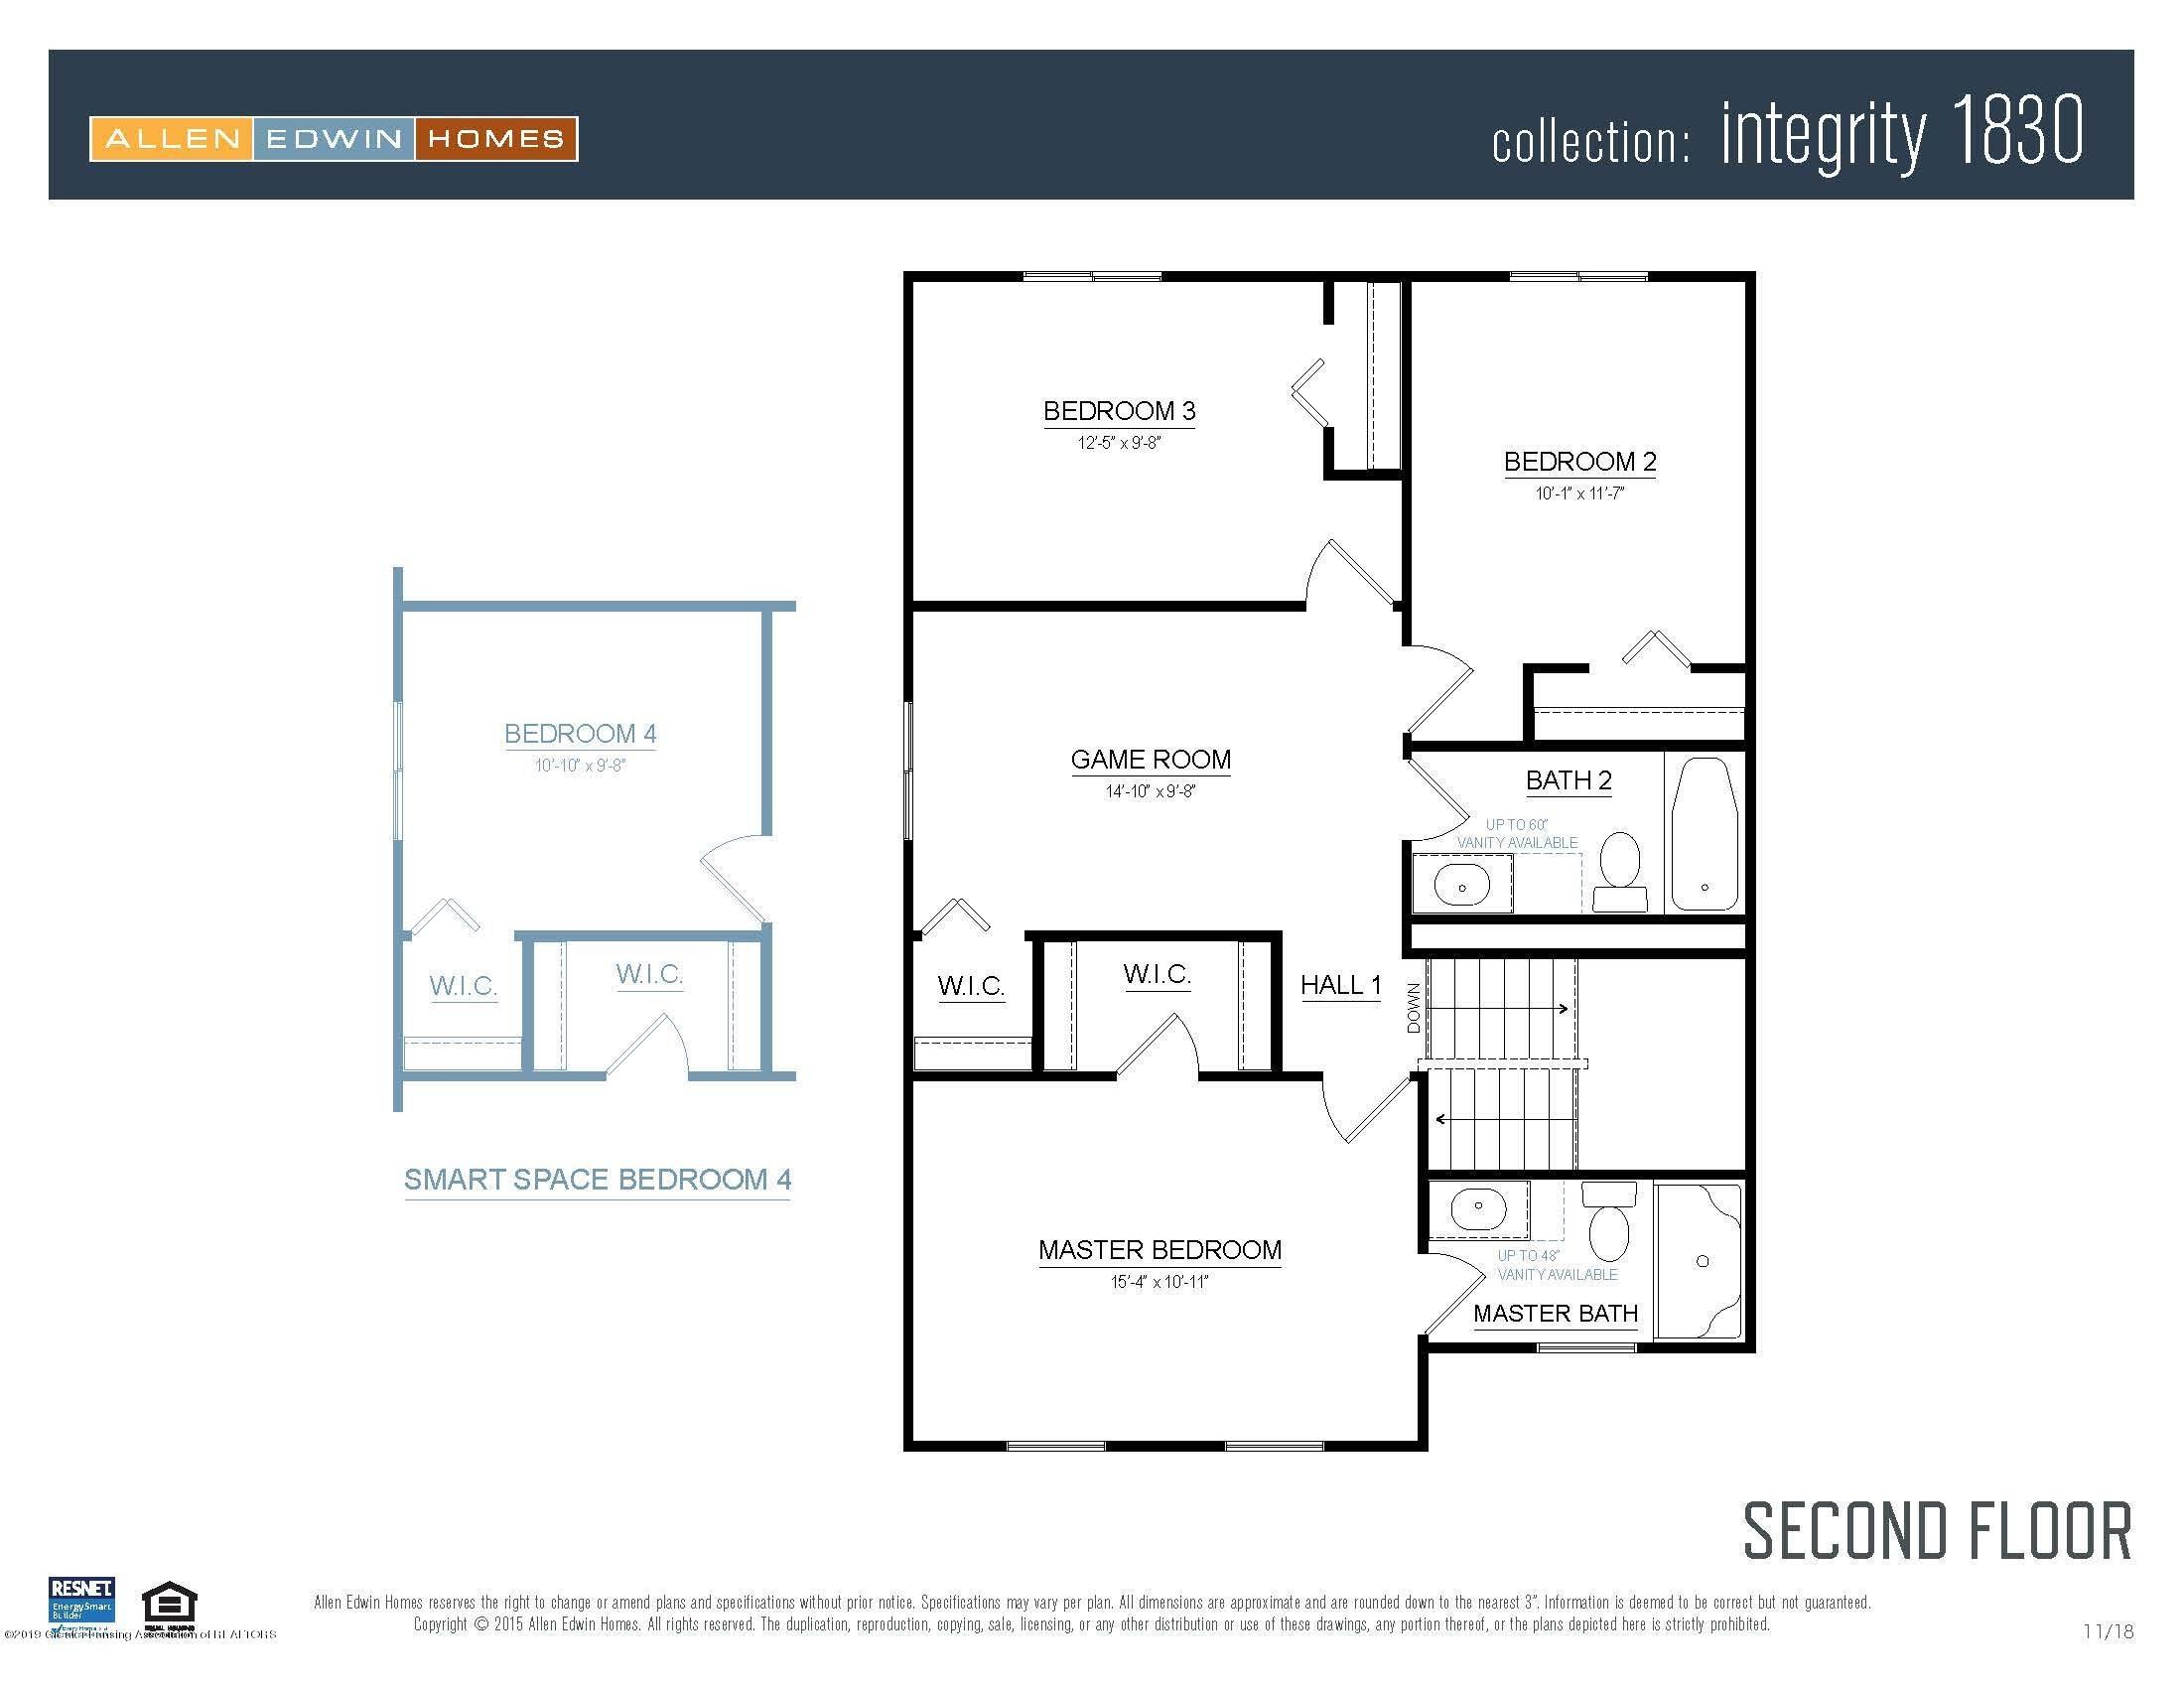 1125 River Oaks Dr - Integrity 1830 V8.0a Second Floor - 4